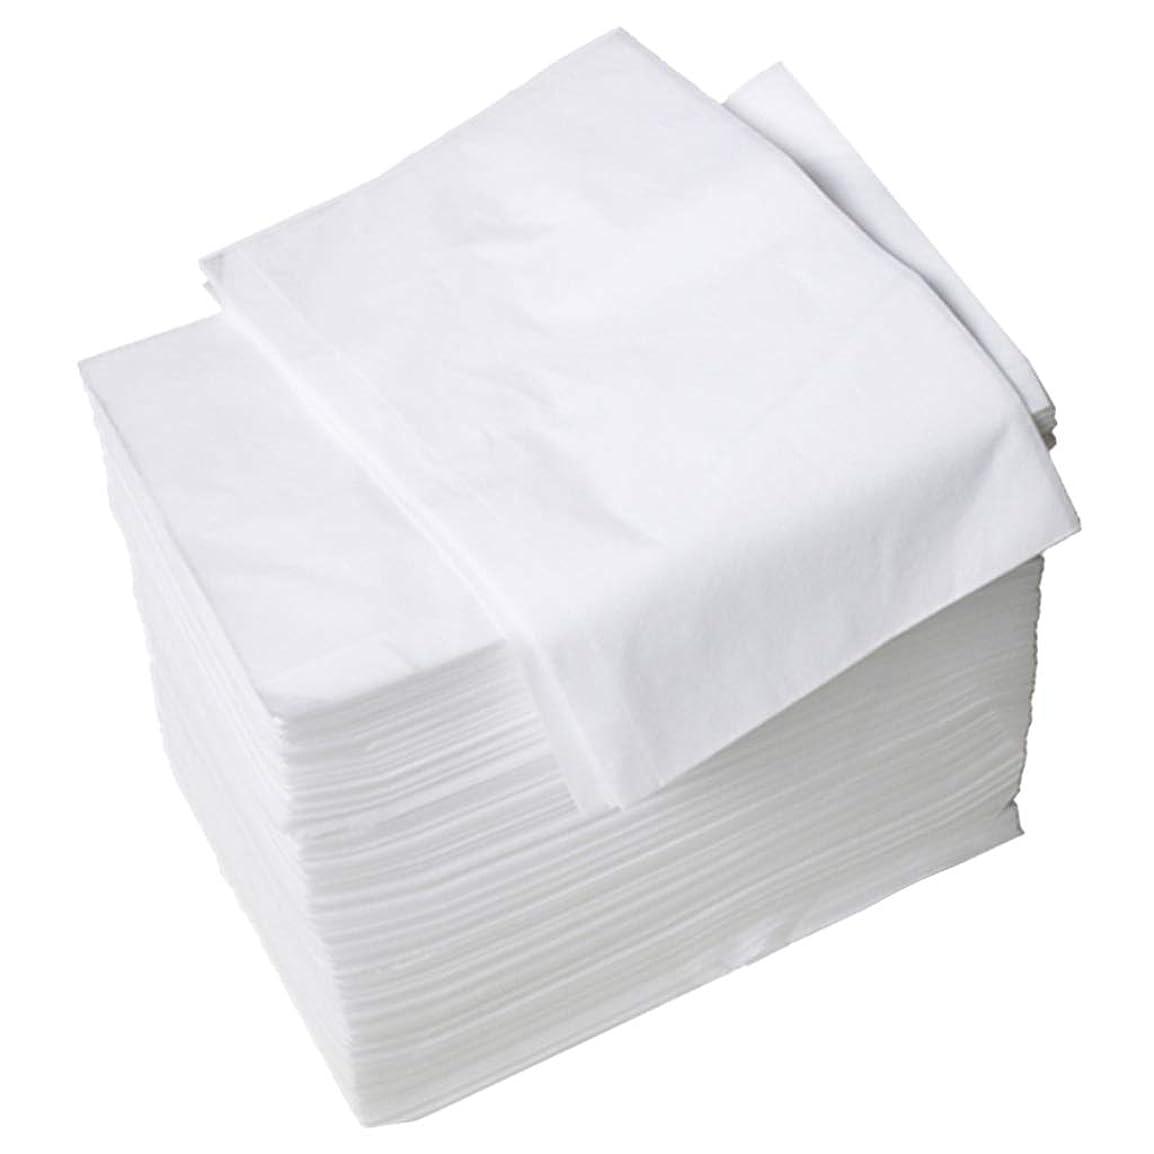 同一の美的運ぶdailymall 約100個セット ベッドカバー マッサージ ベットシート 不織布 使い捨て ホワイト